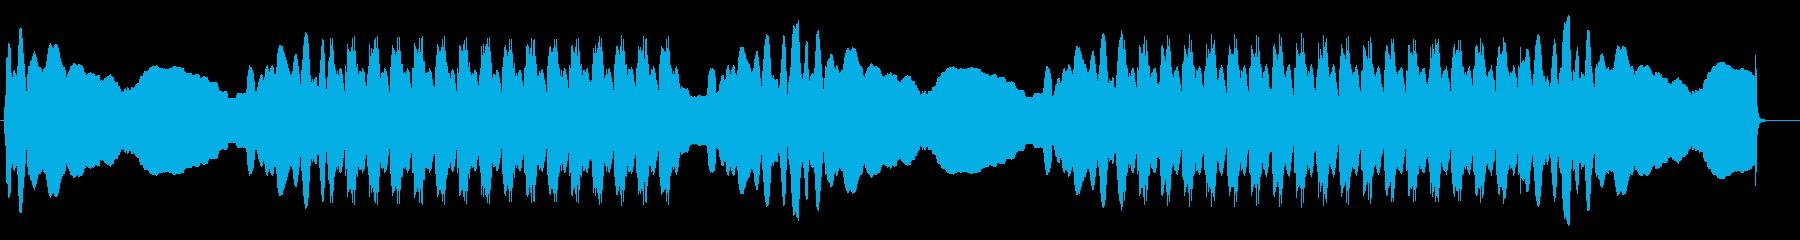 パトカー:Ext:Wail And...の再生済みの波形